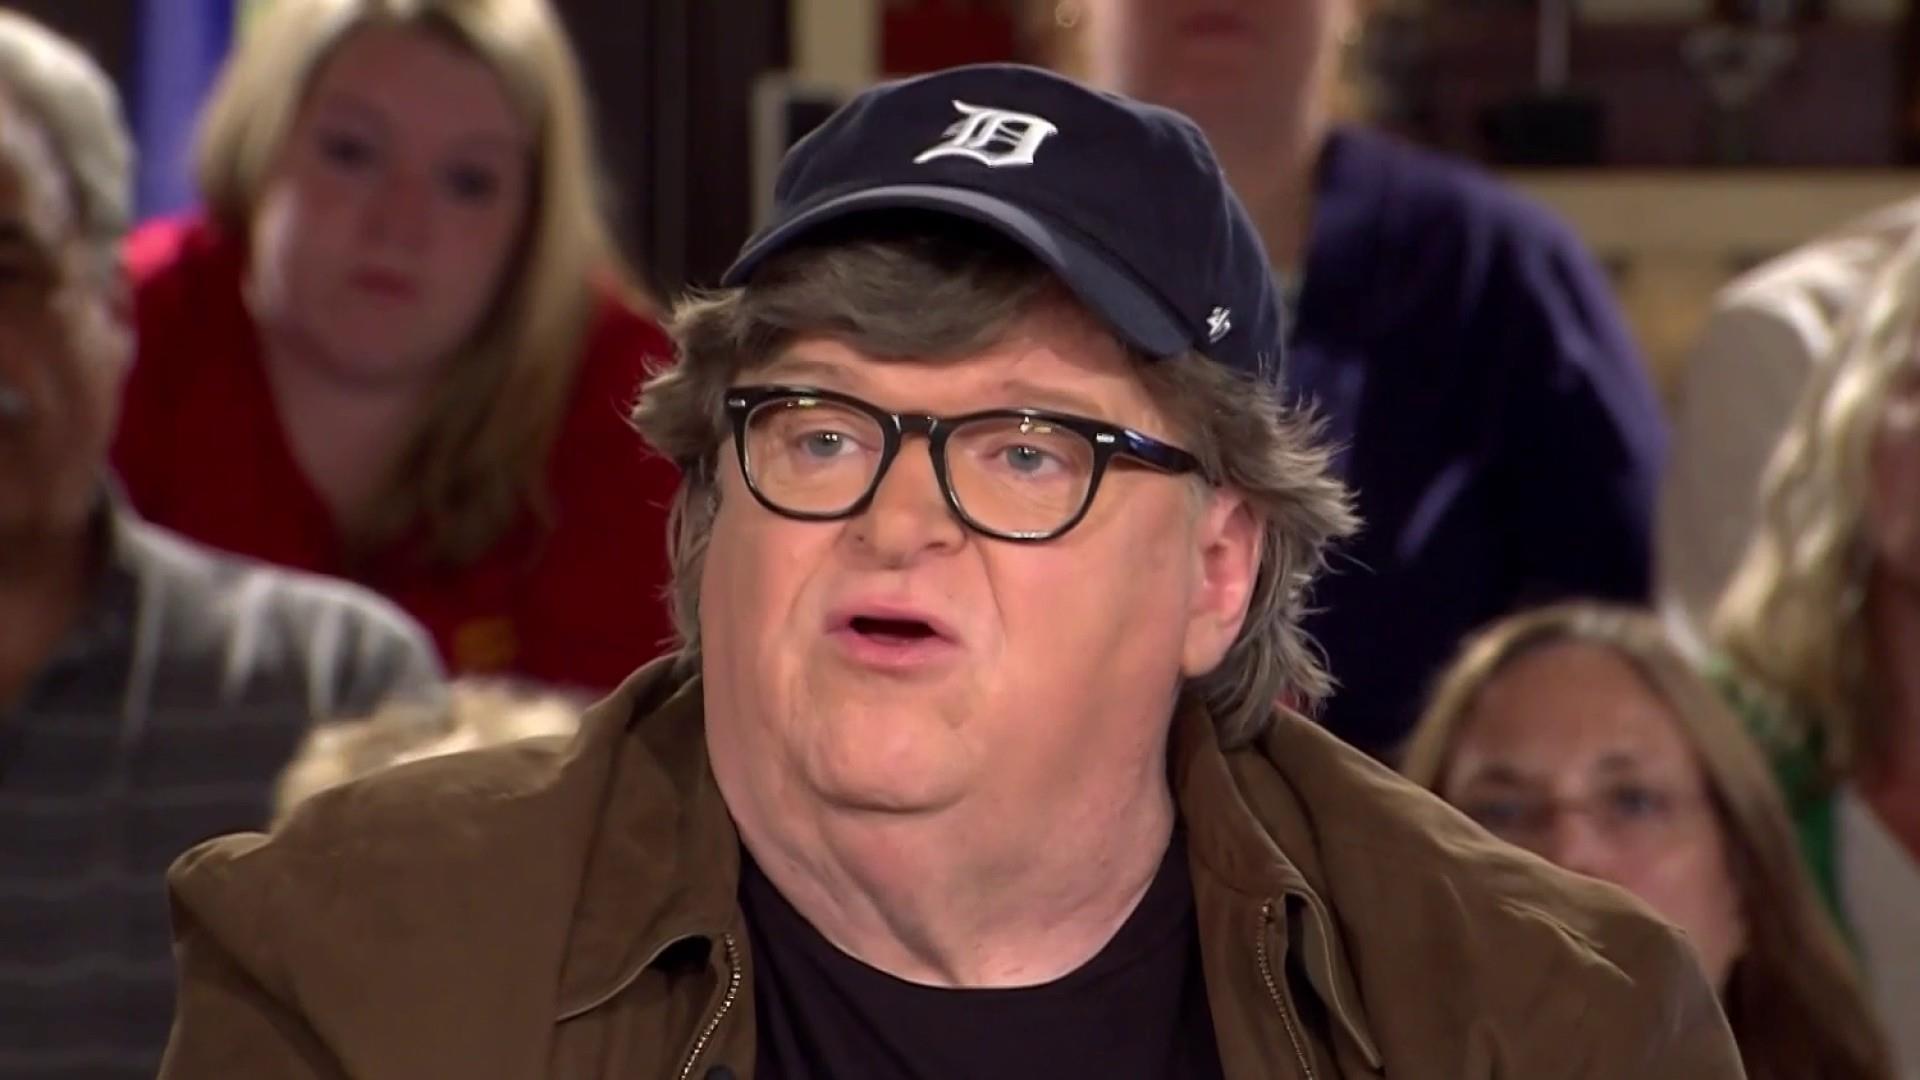 Sneak peek of All In America with Michael Moore